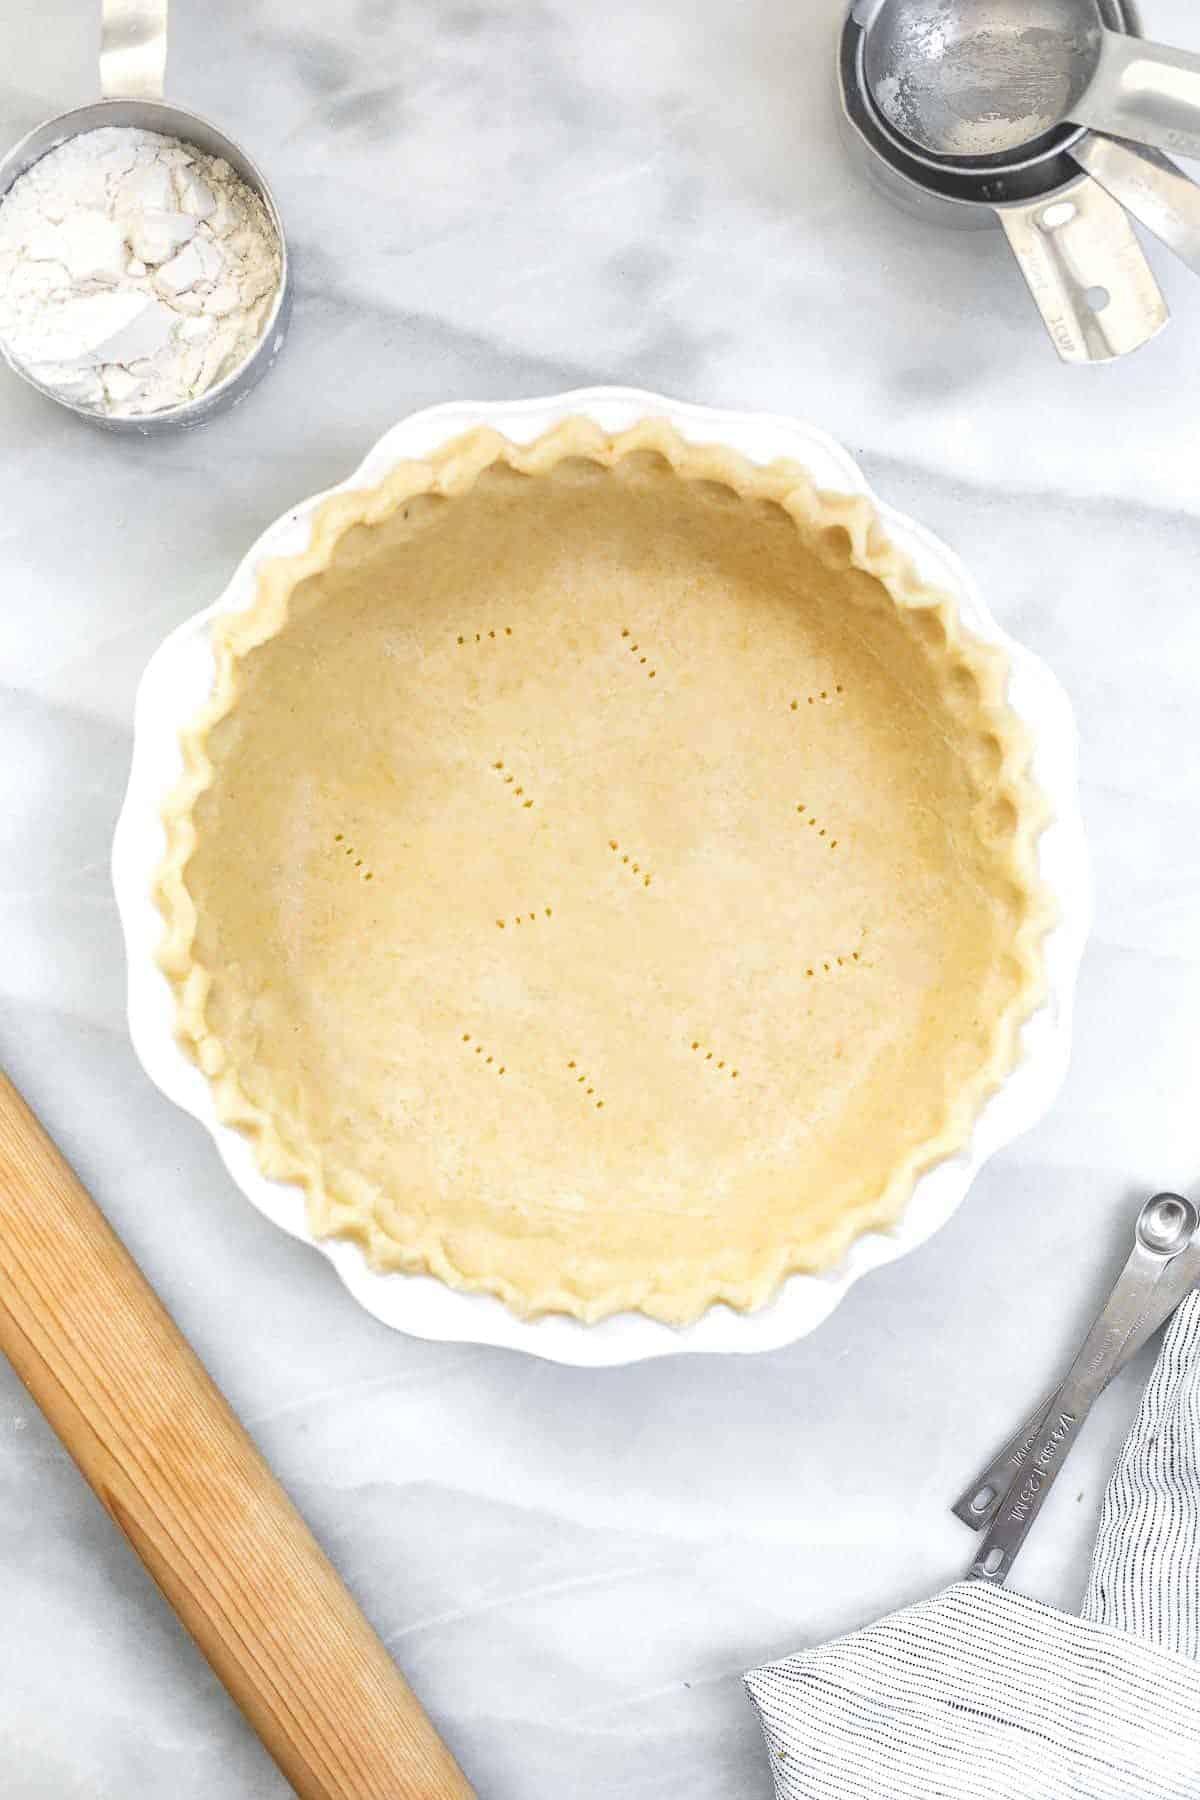 Gluten free pie crust on a marble backdrop.